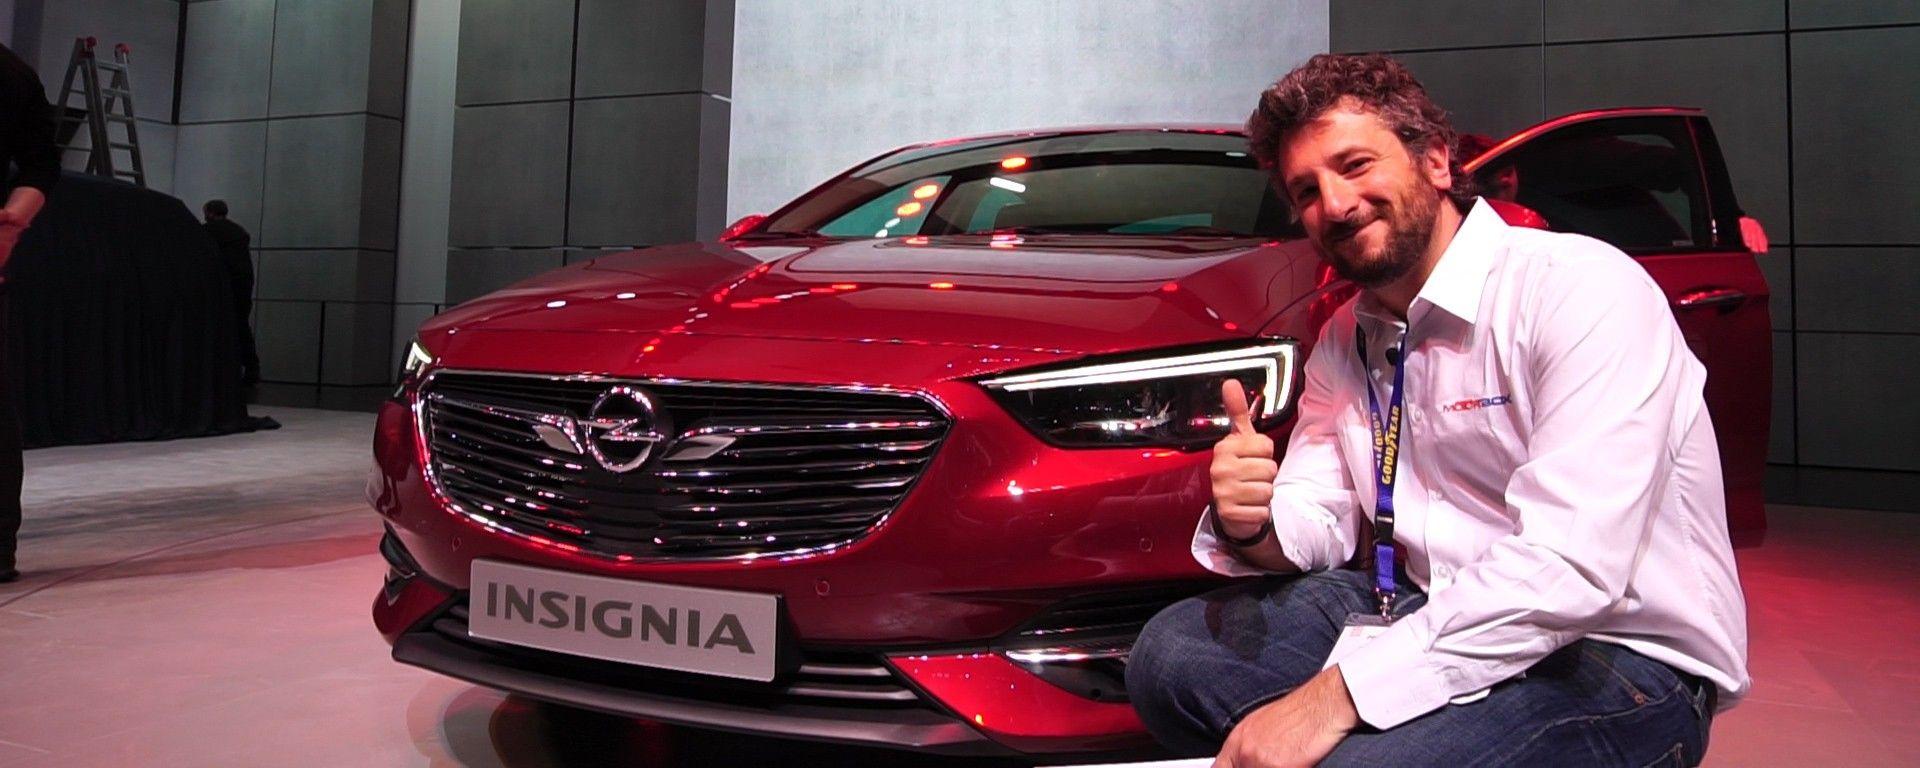 Opel Insignia: due novità al Salone di Ginevra 2017